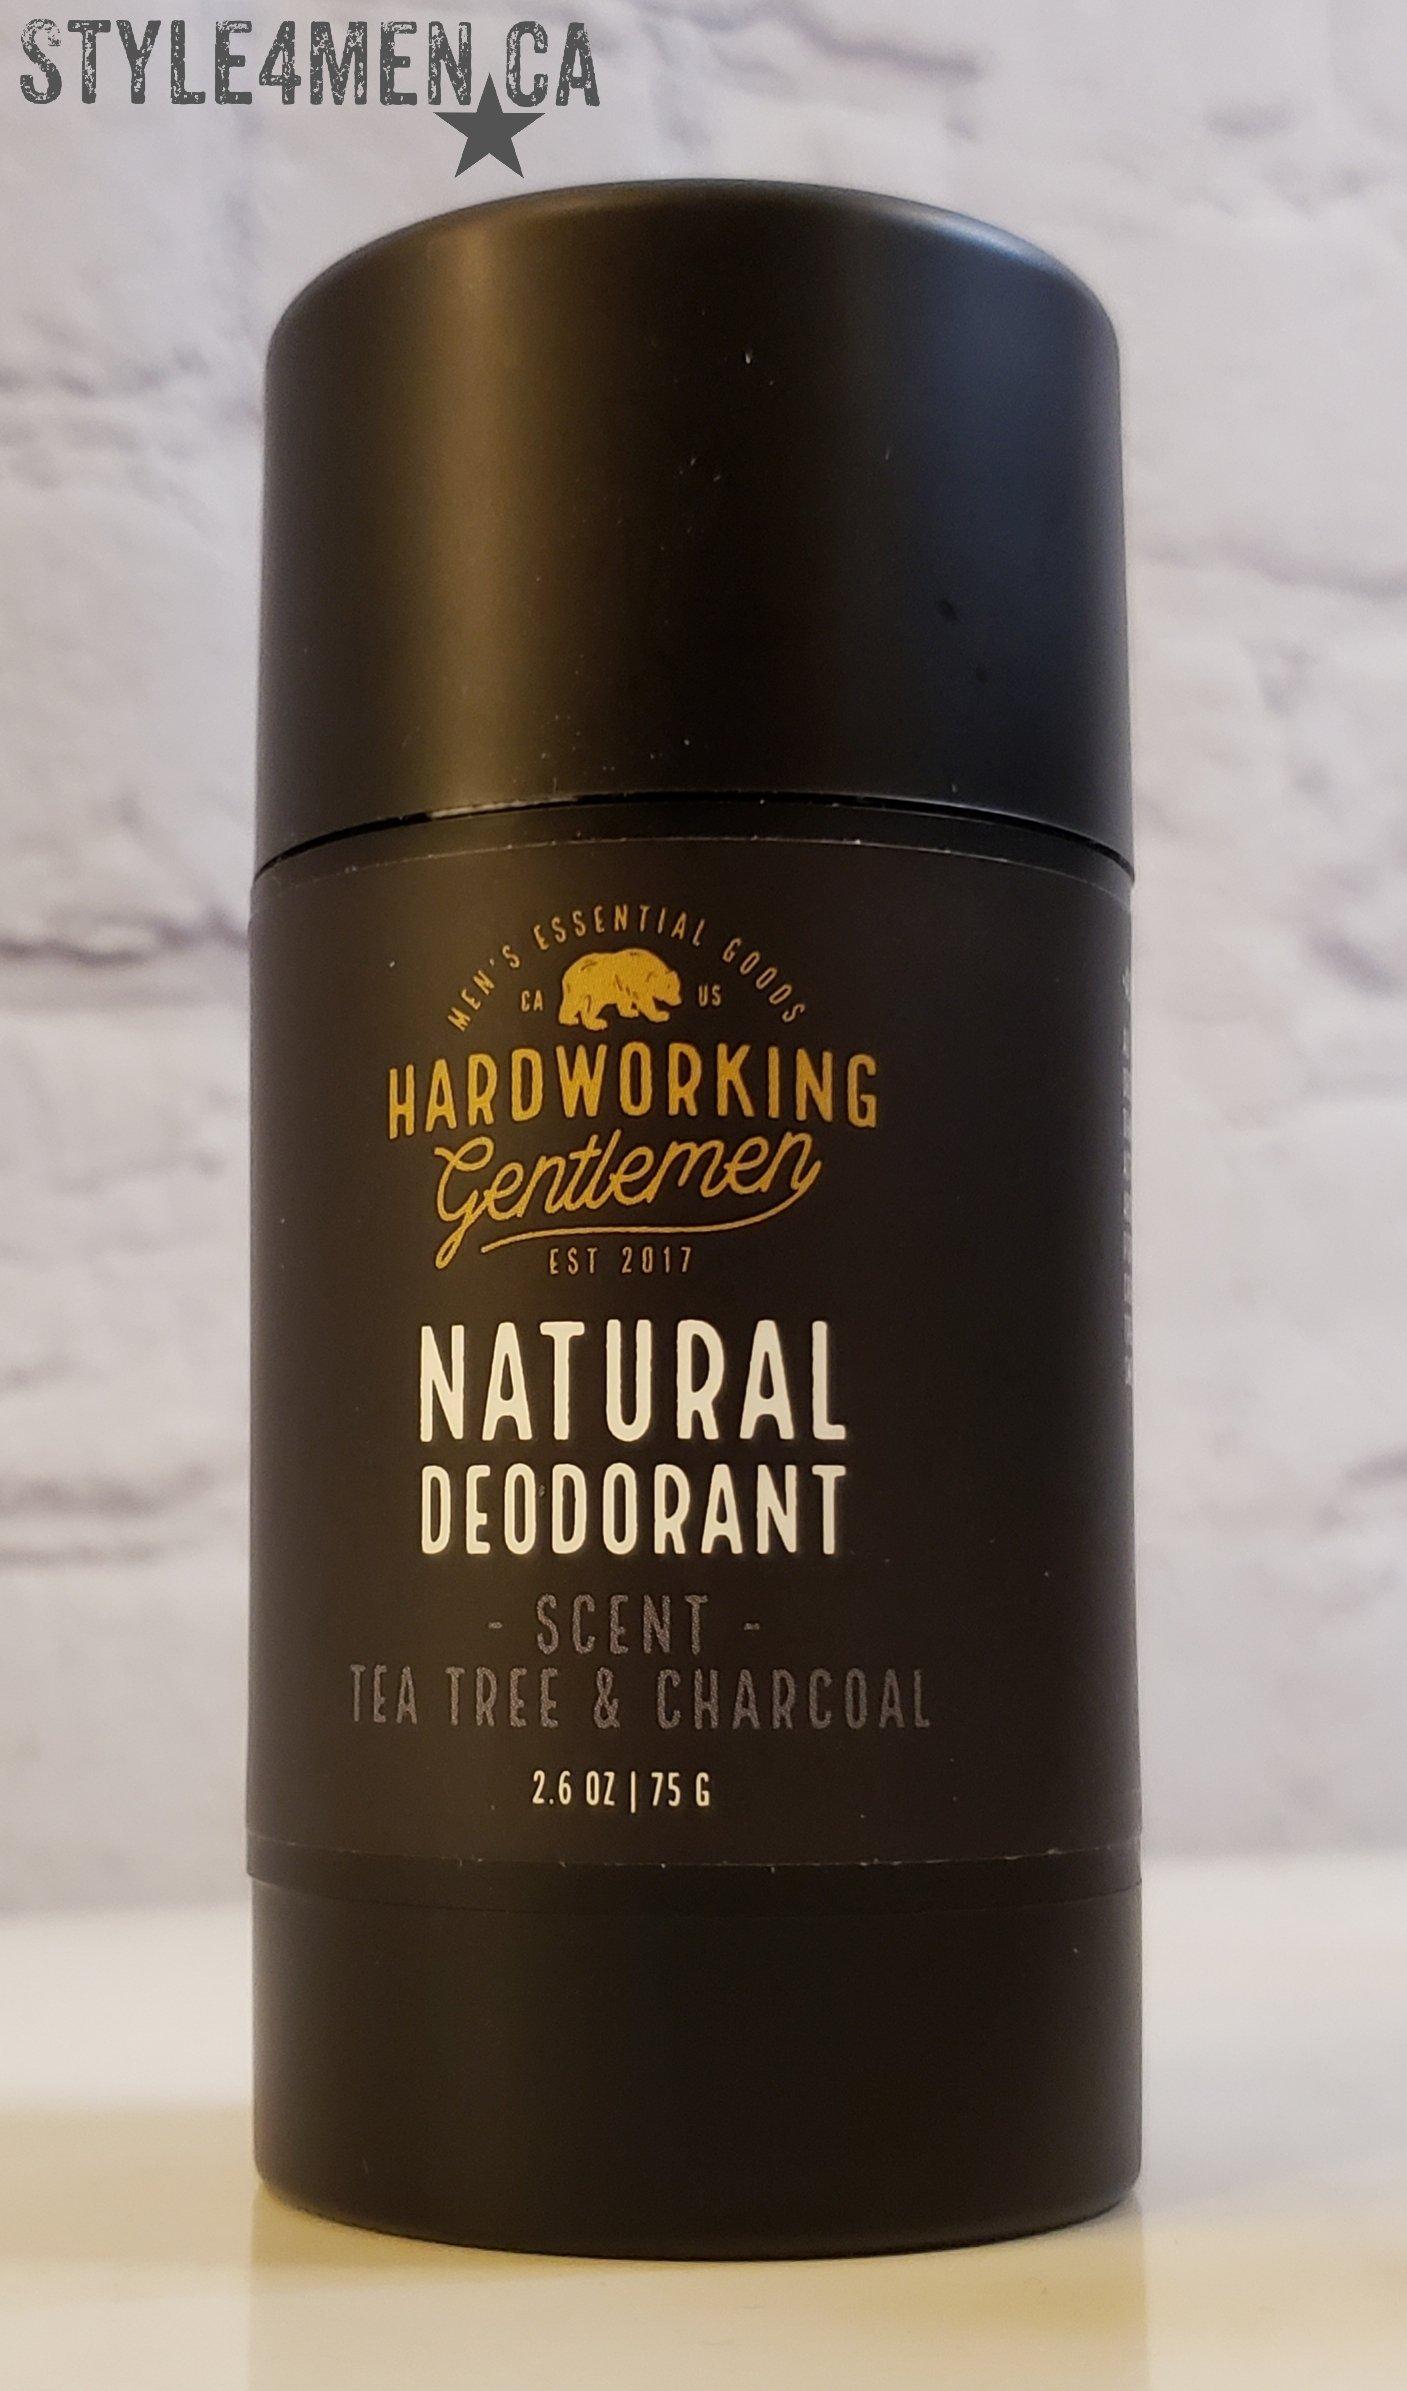 Hardworking Gentlemen Deodorant